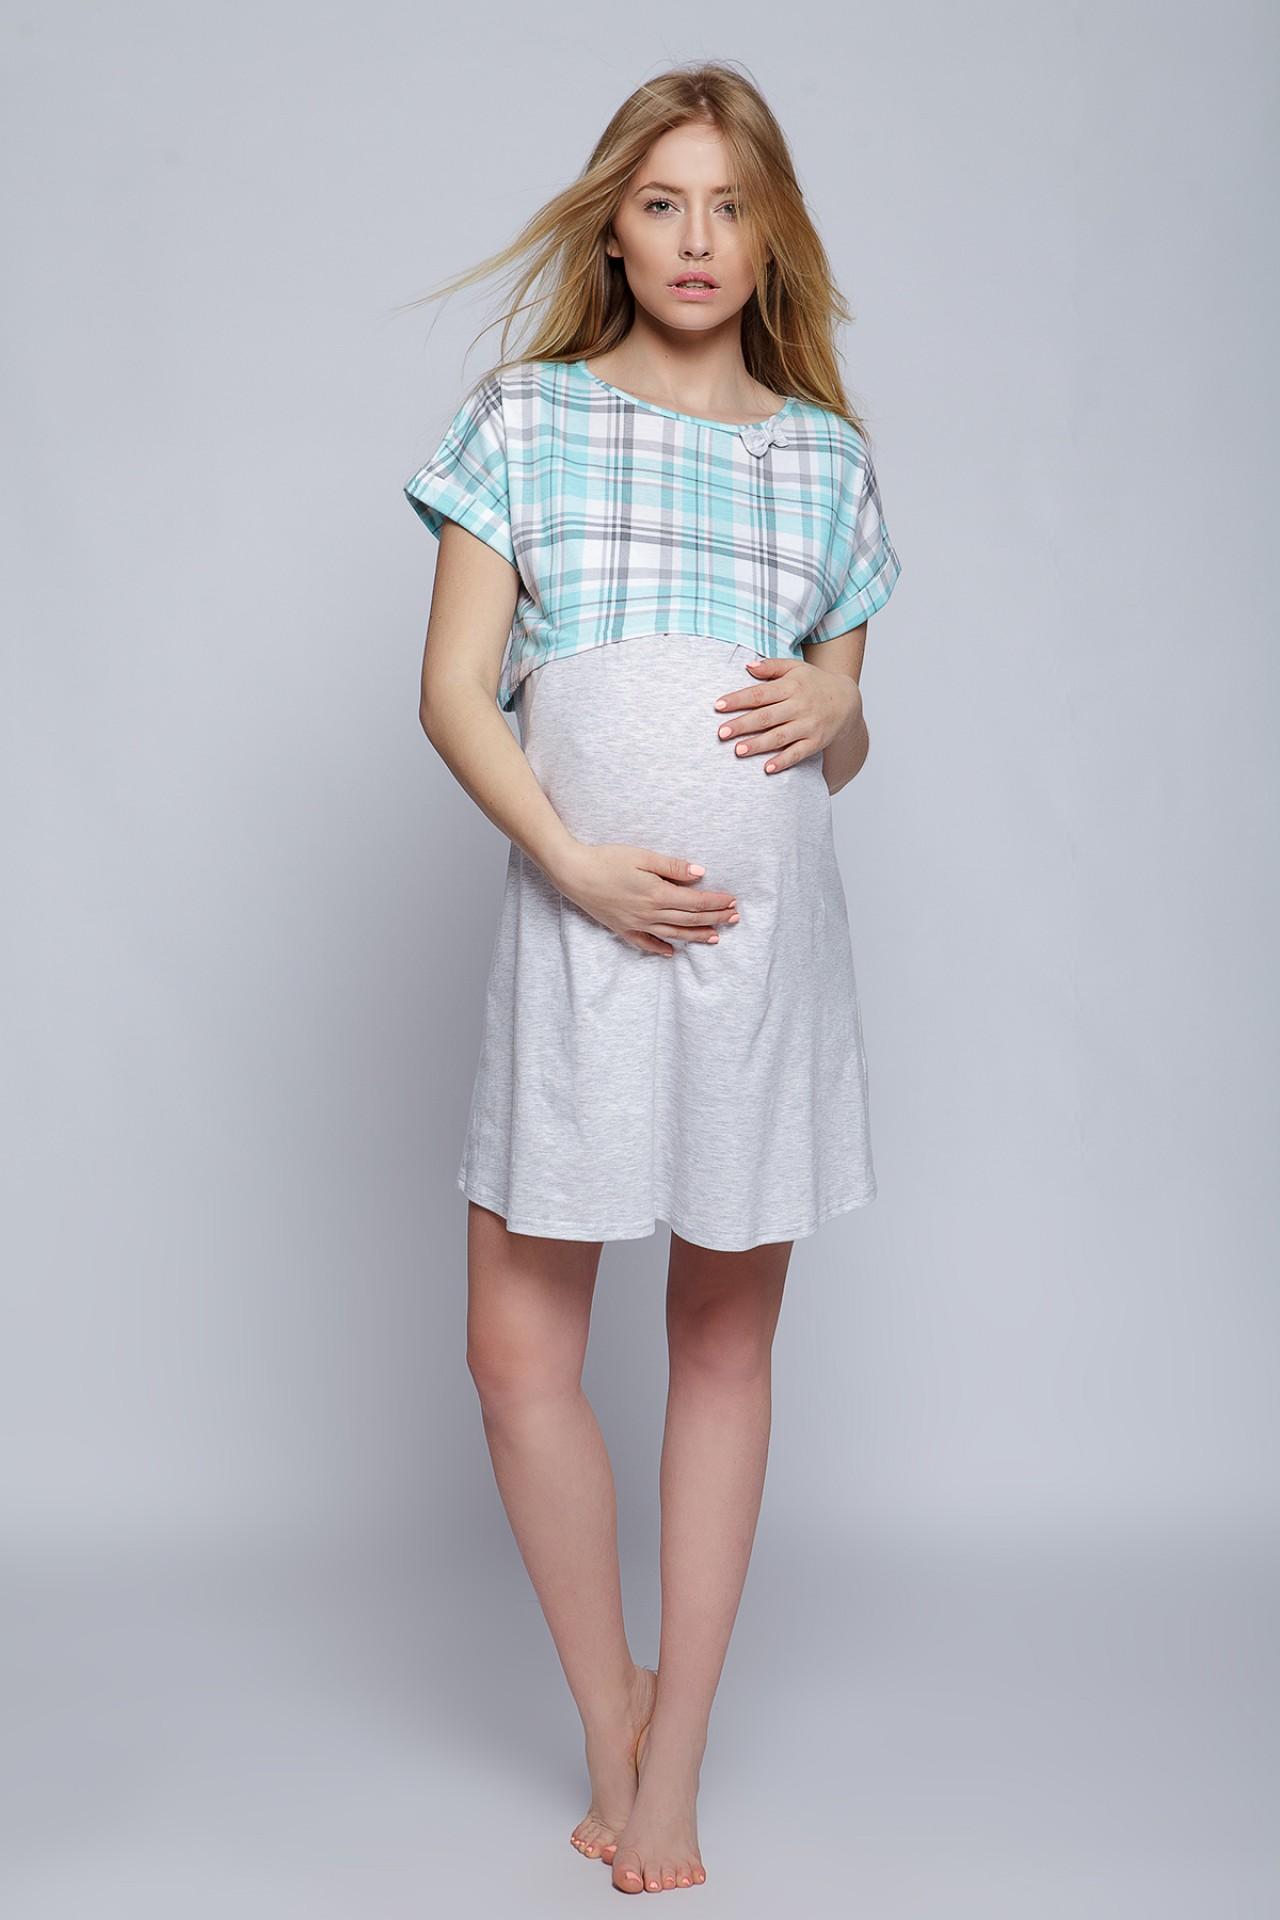 Сорочка Koszula Cindy mint